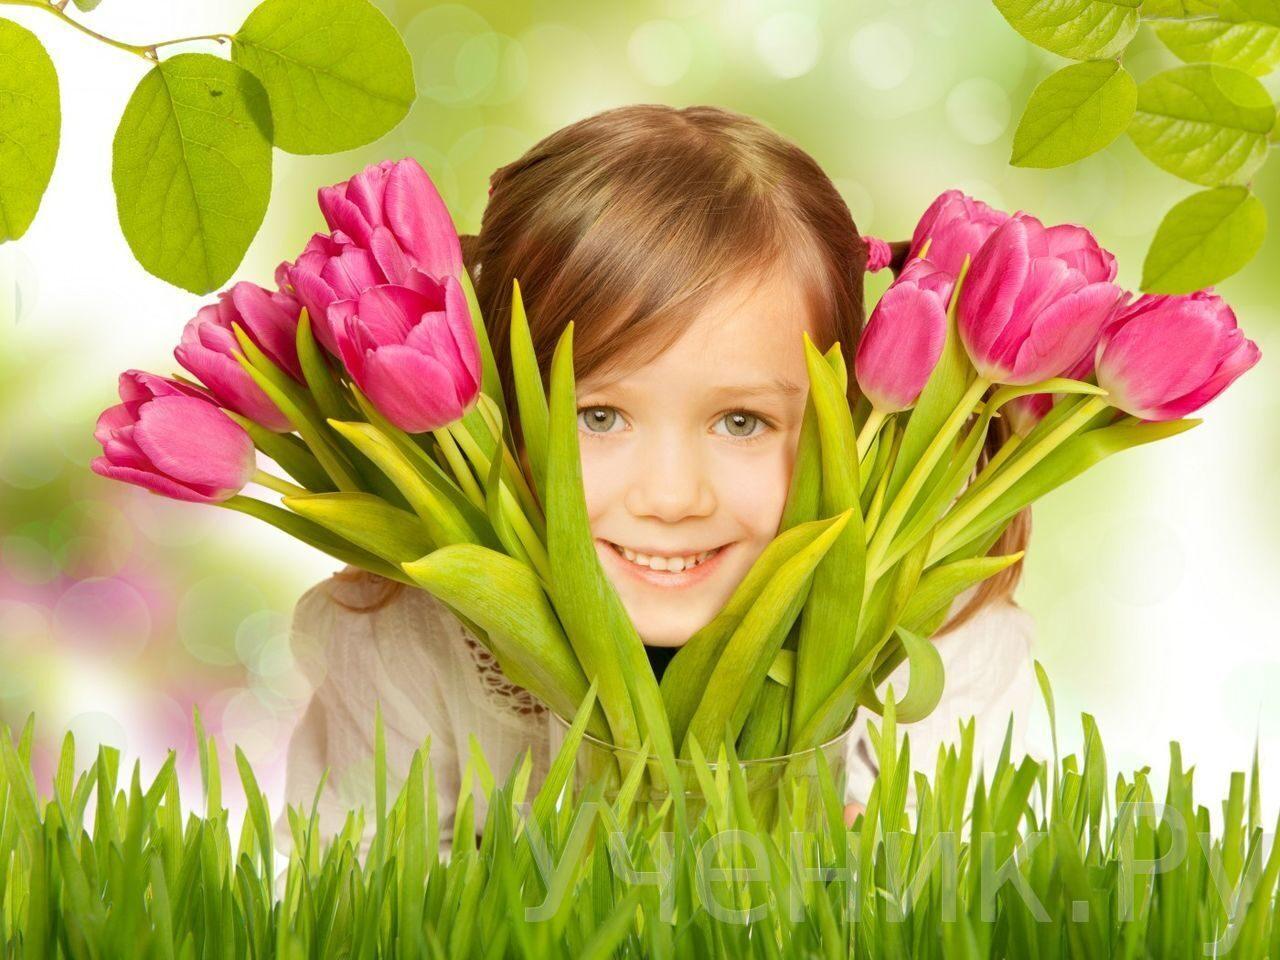 Что подарить девочке на день рождения 8 лет своими руками